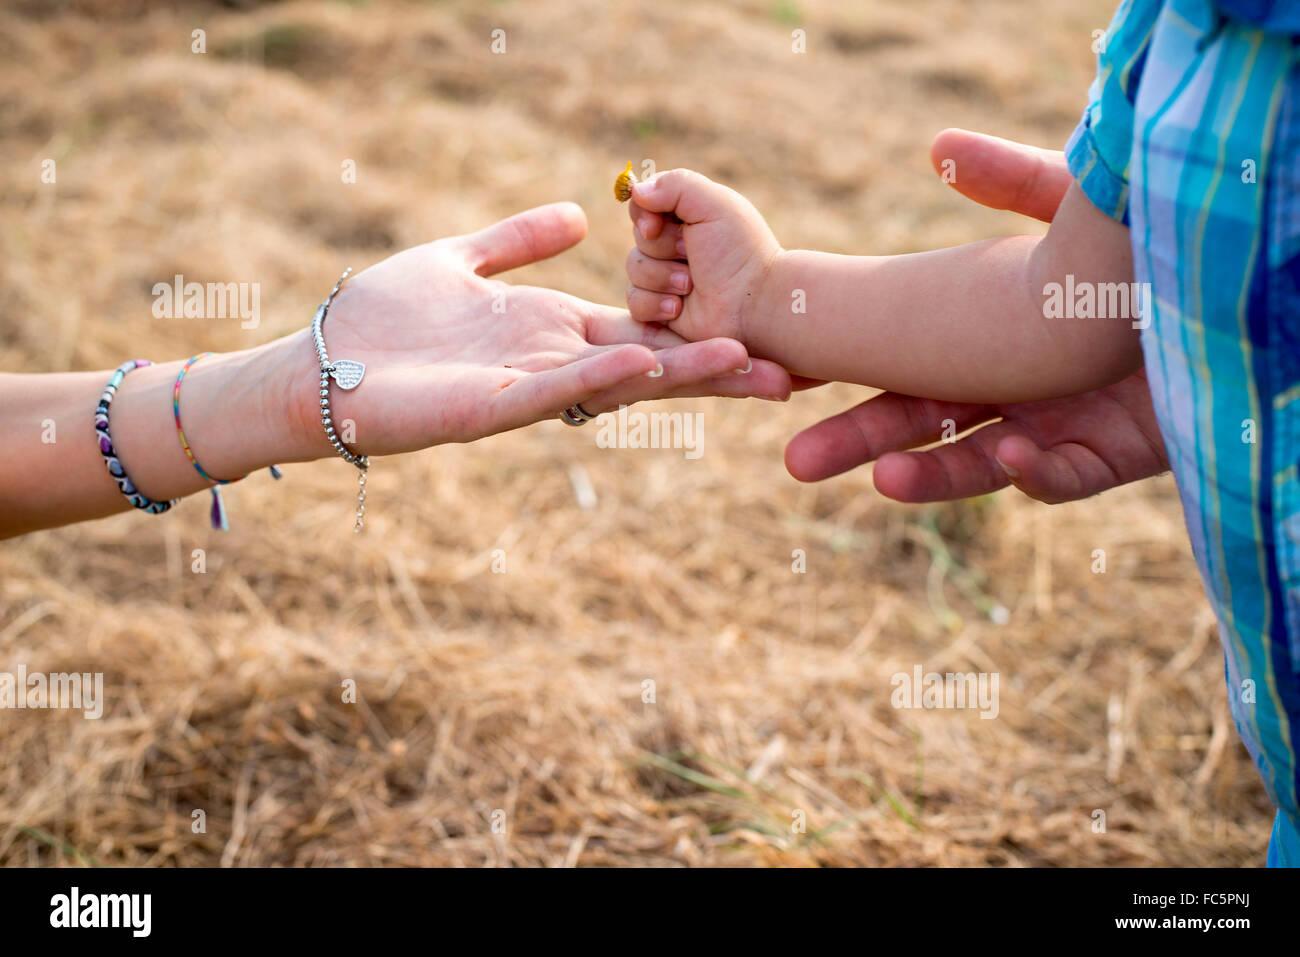 Raggiungendo genitore per bambino la mano nel campo Immagini Stock